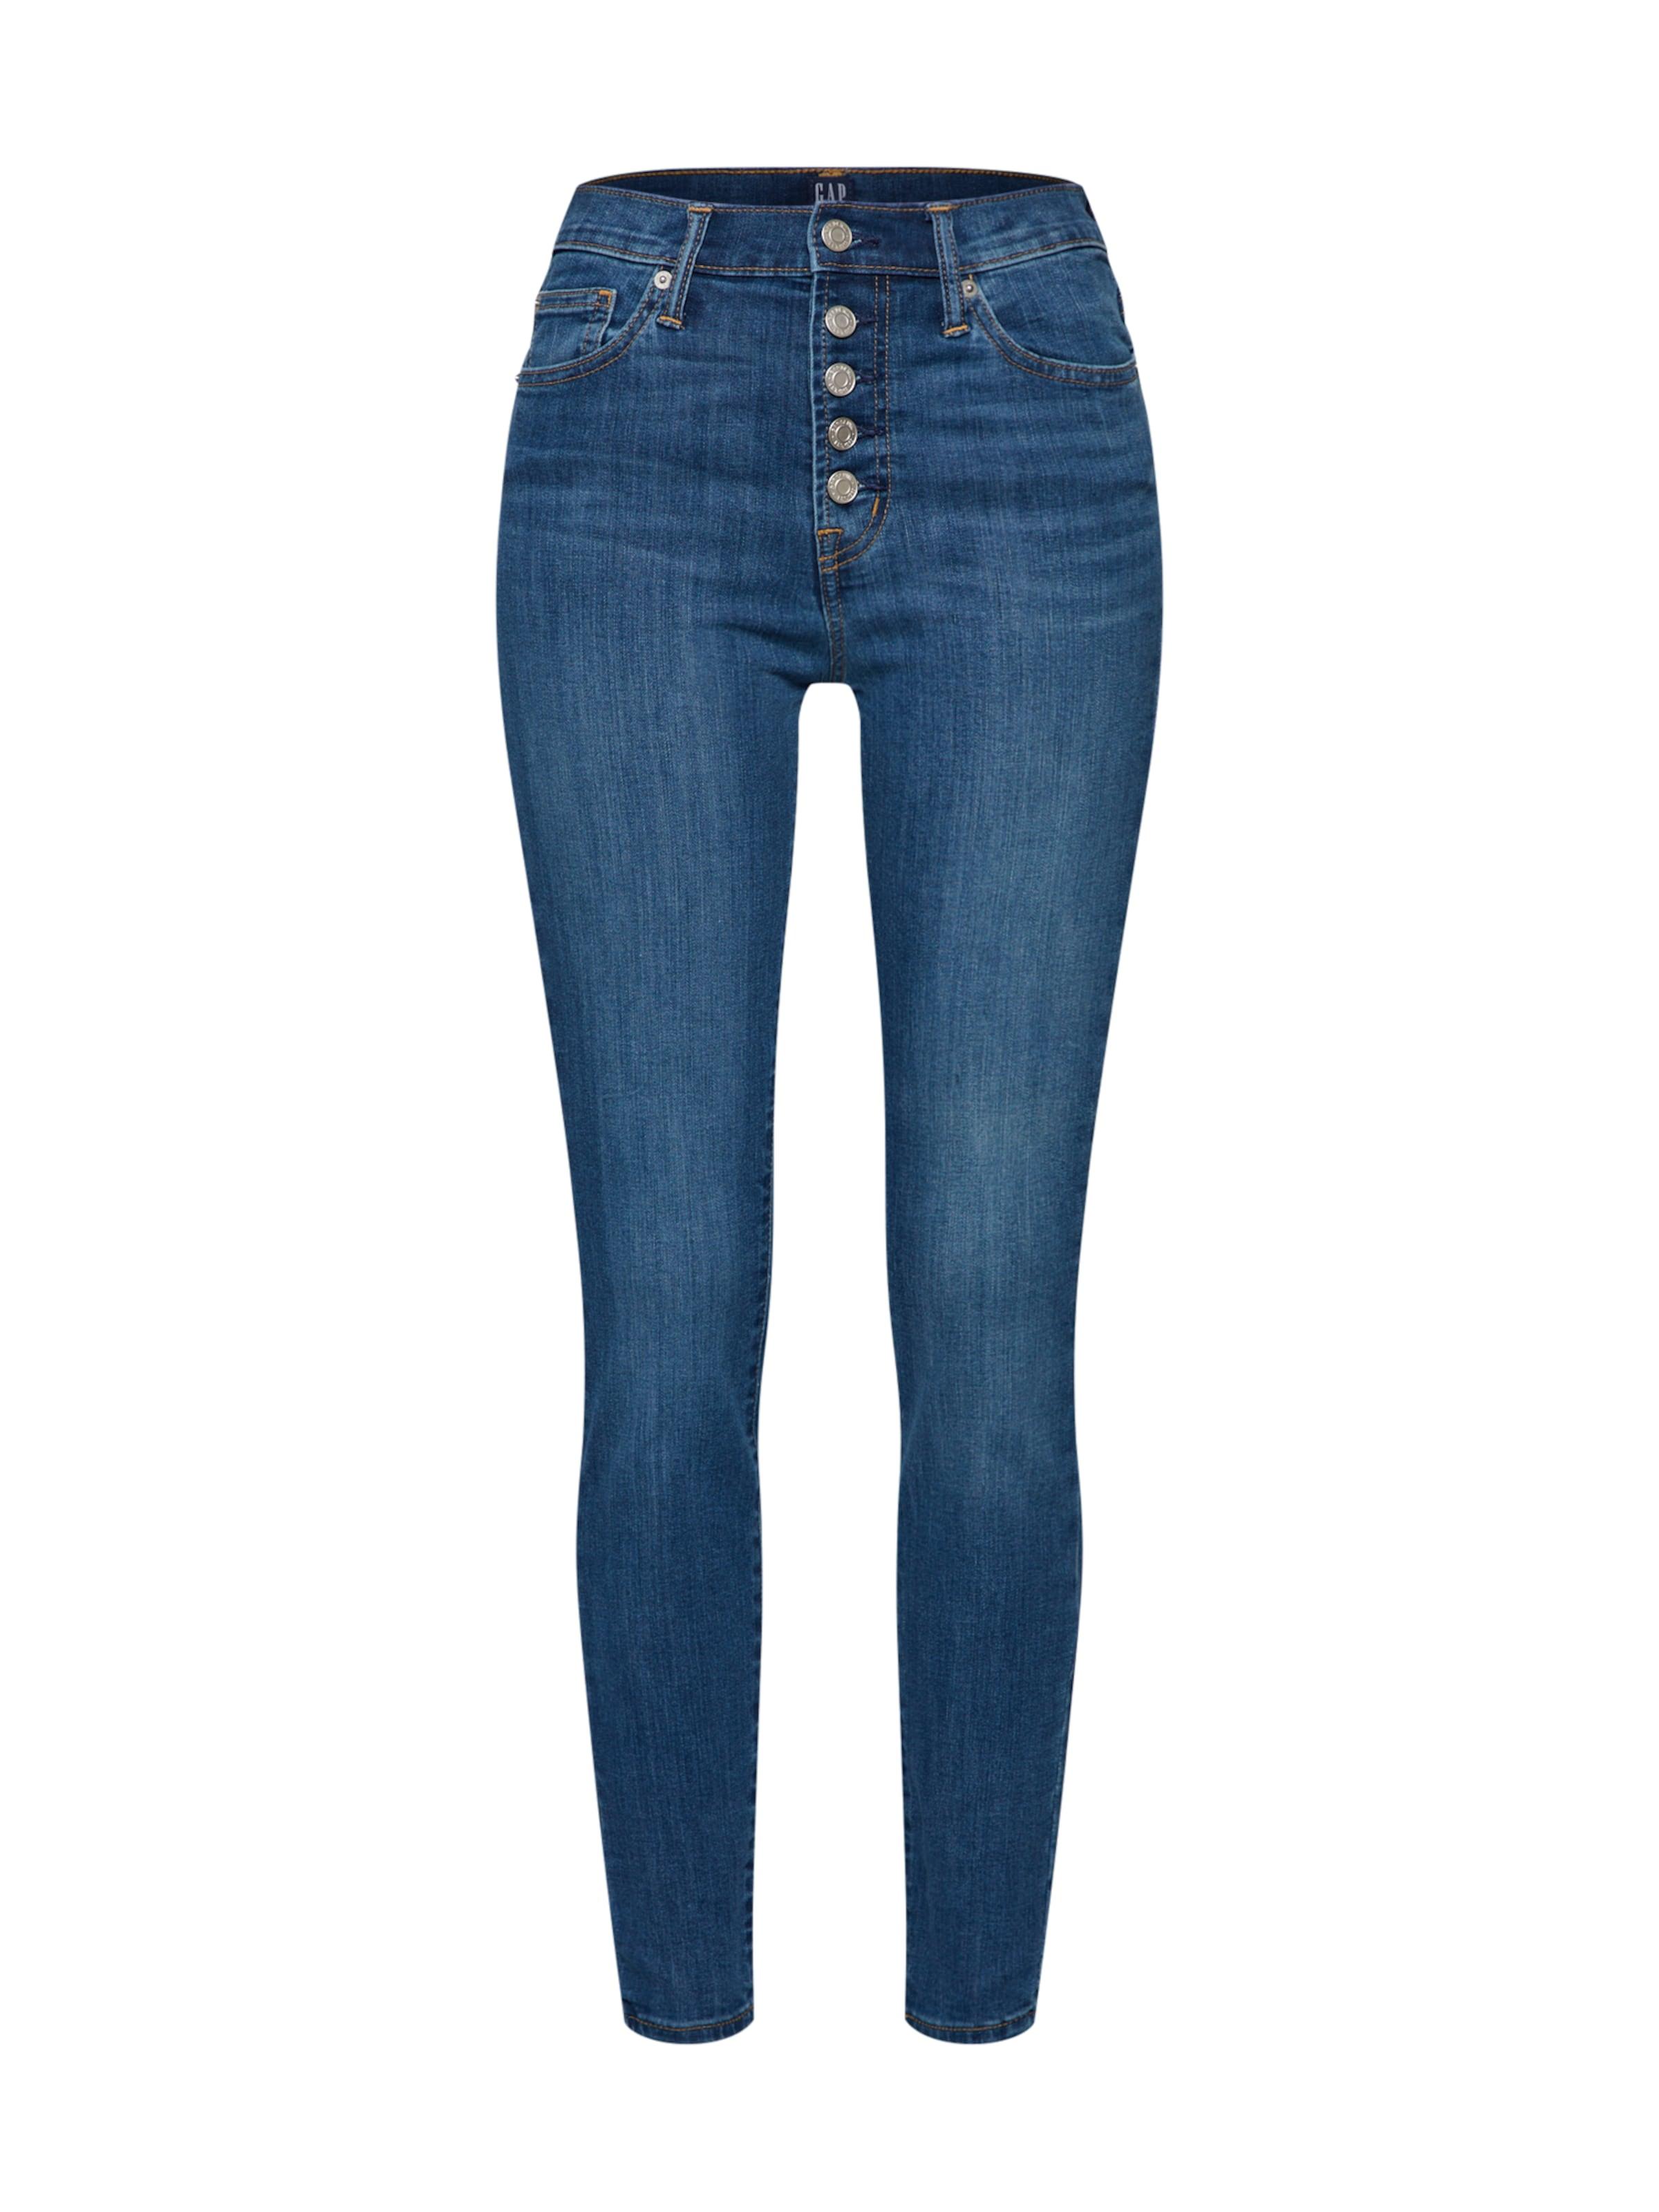 Jeans 'v Hr legging Apple' Exp Denim Gap Med In Bttnfly Blue 8mOyn0vNwP